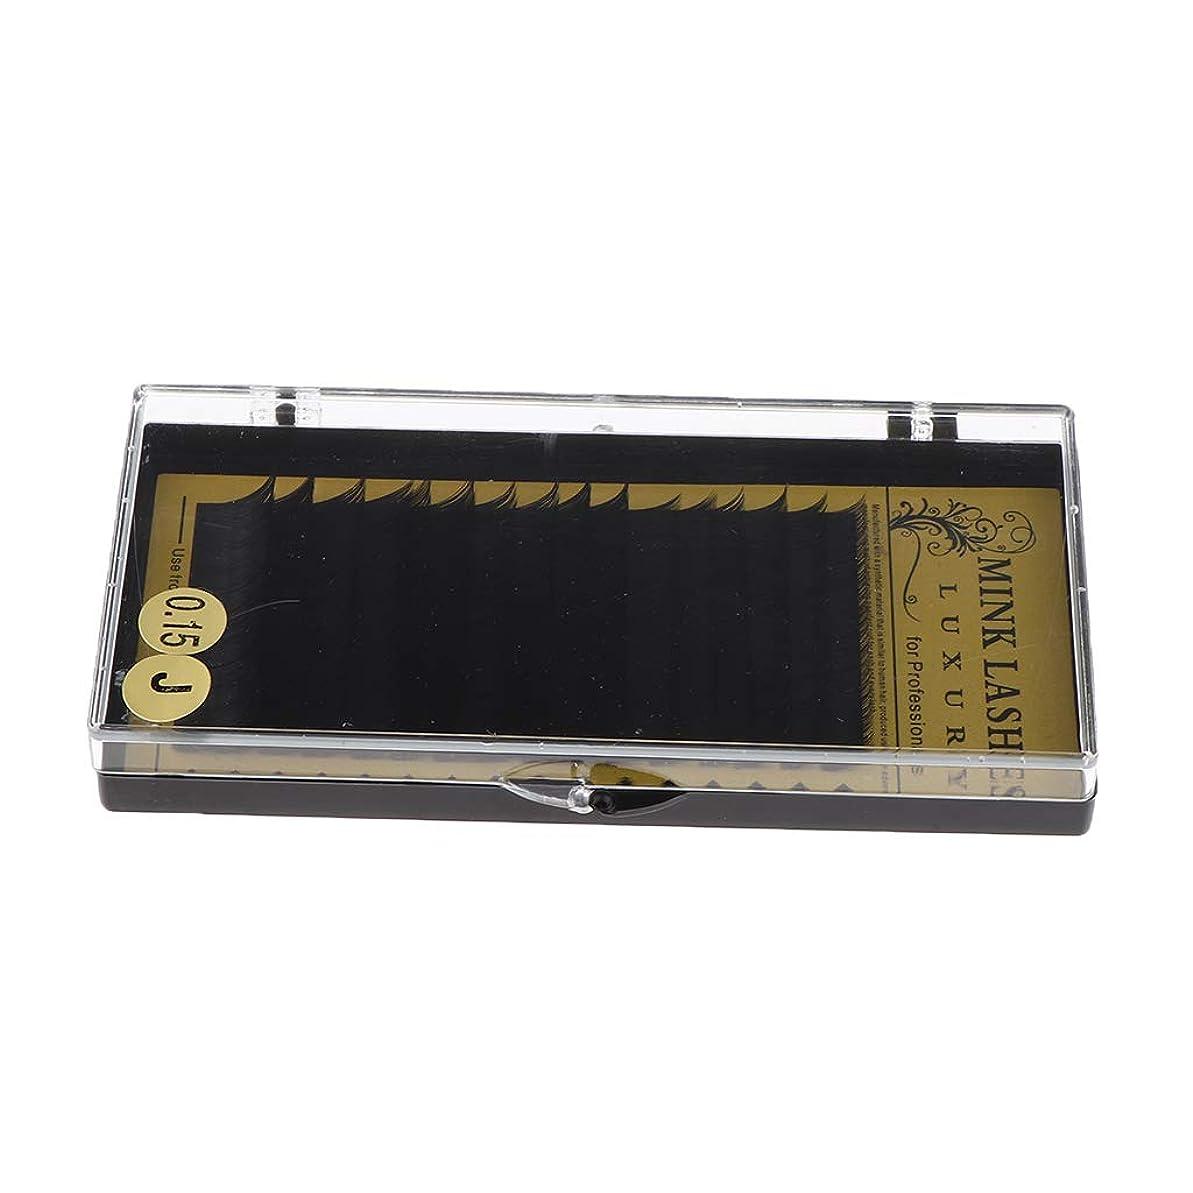 取り除く流出ライオンB Blesiya 全4サイズ 付けまつ毛 メイクアップ ツール 長持ち 濃密 つけまつげ 8/10/12/14mm - 0.15Cmm